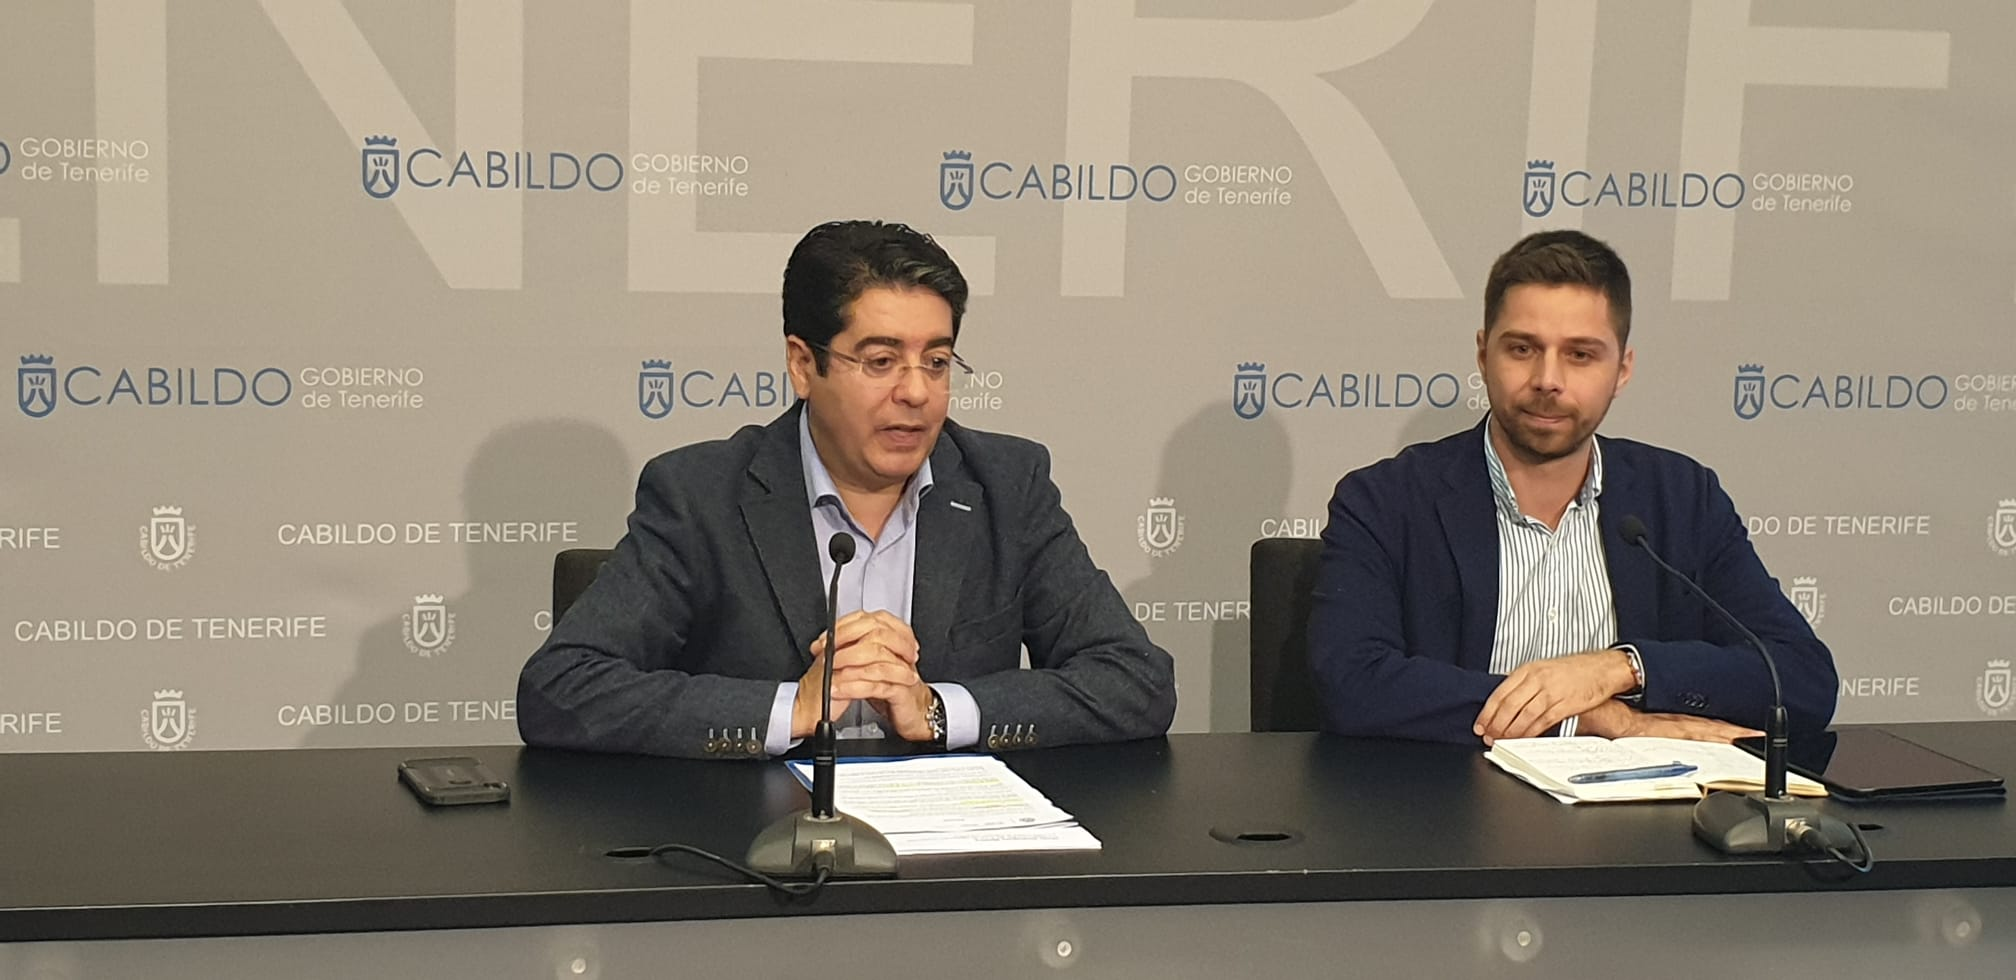 El presidente de la Corporación insular, Pedro Martín, y el consejero de Lucha contra el Cambio Climático, Javier Rodríguez. DA